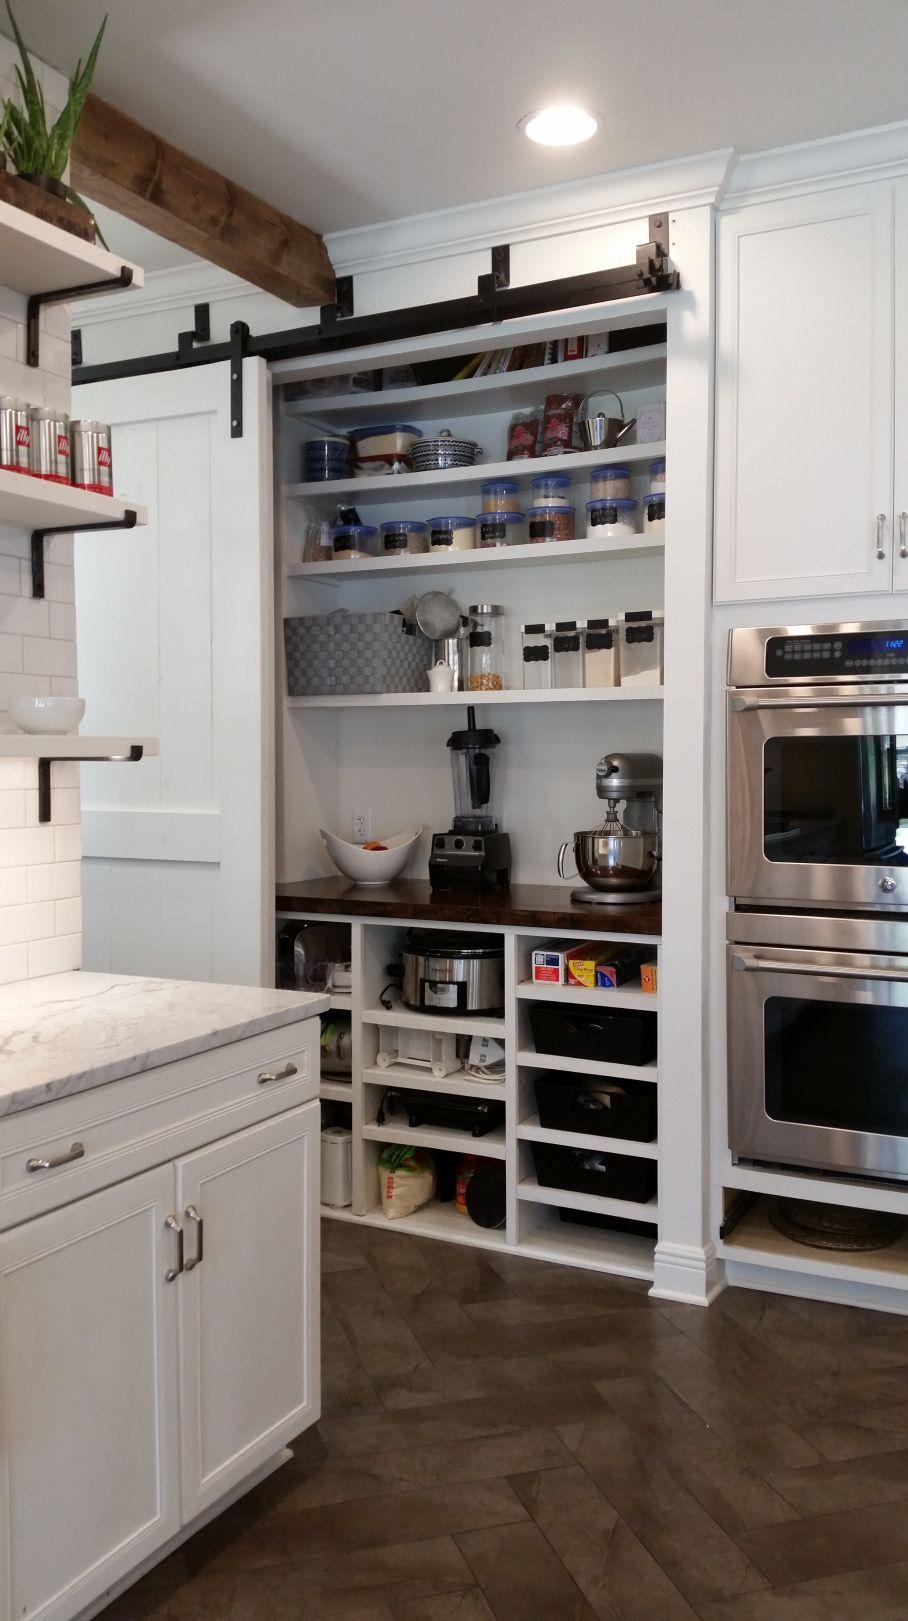 Bypass Barn Door Pantry | Küche, Speisekammer und Küchen ideen